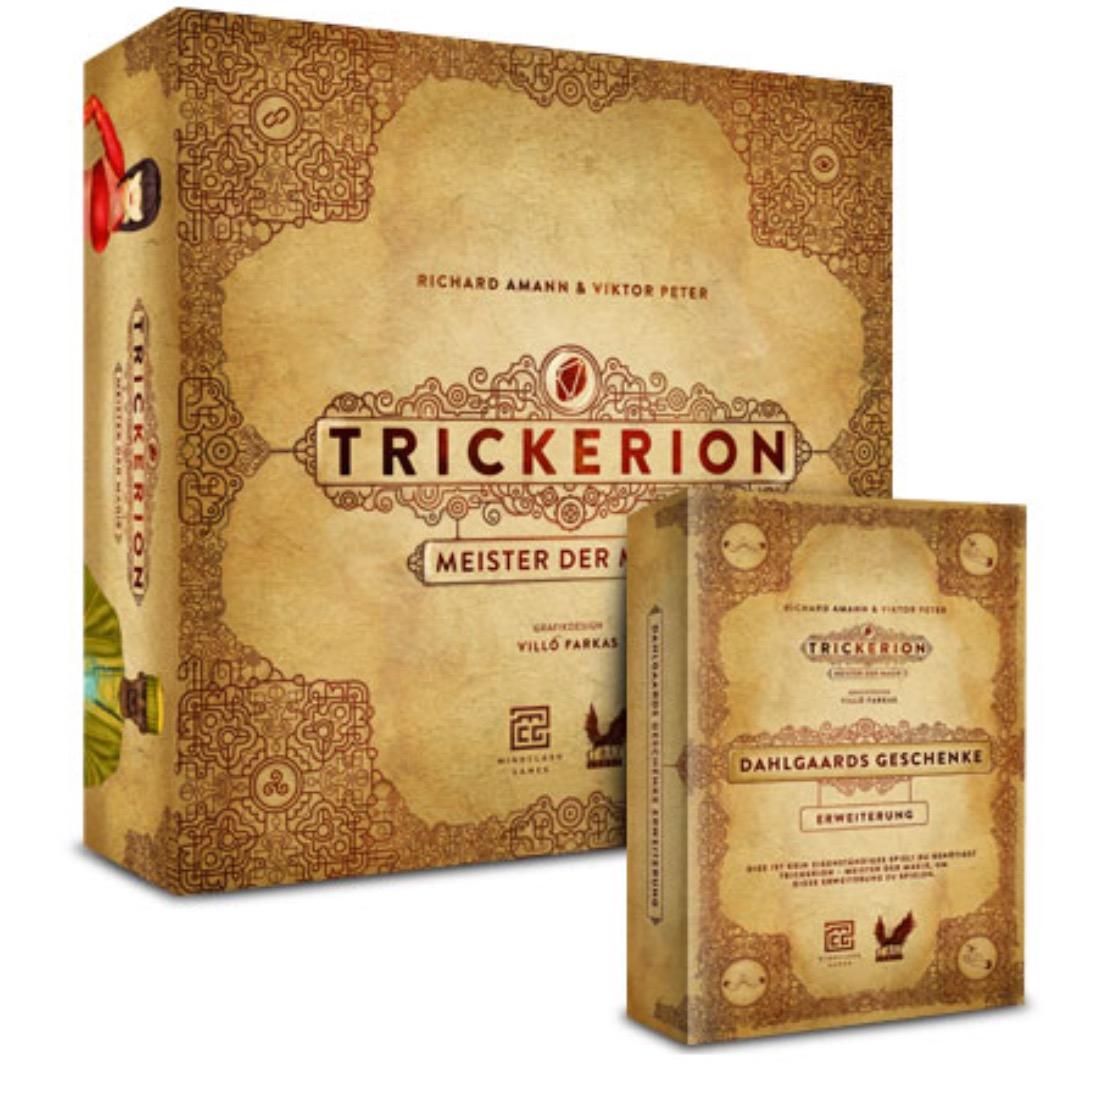 [Spiele-Offensive.de] Trickerion und Dahlgaards Geschenke Bundle für 67,99€ (statt 81,16€)